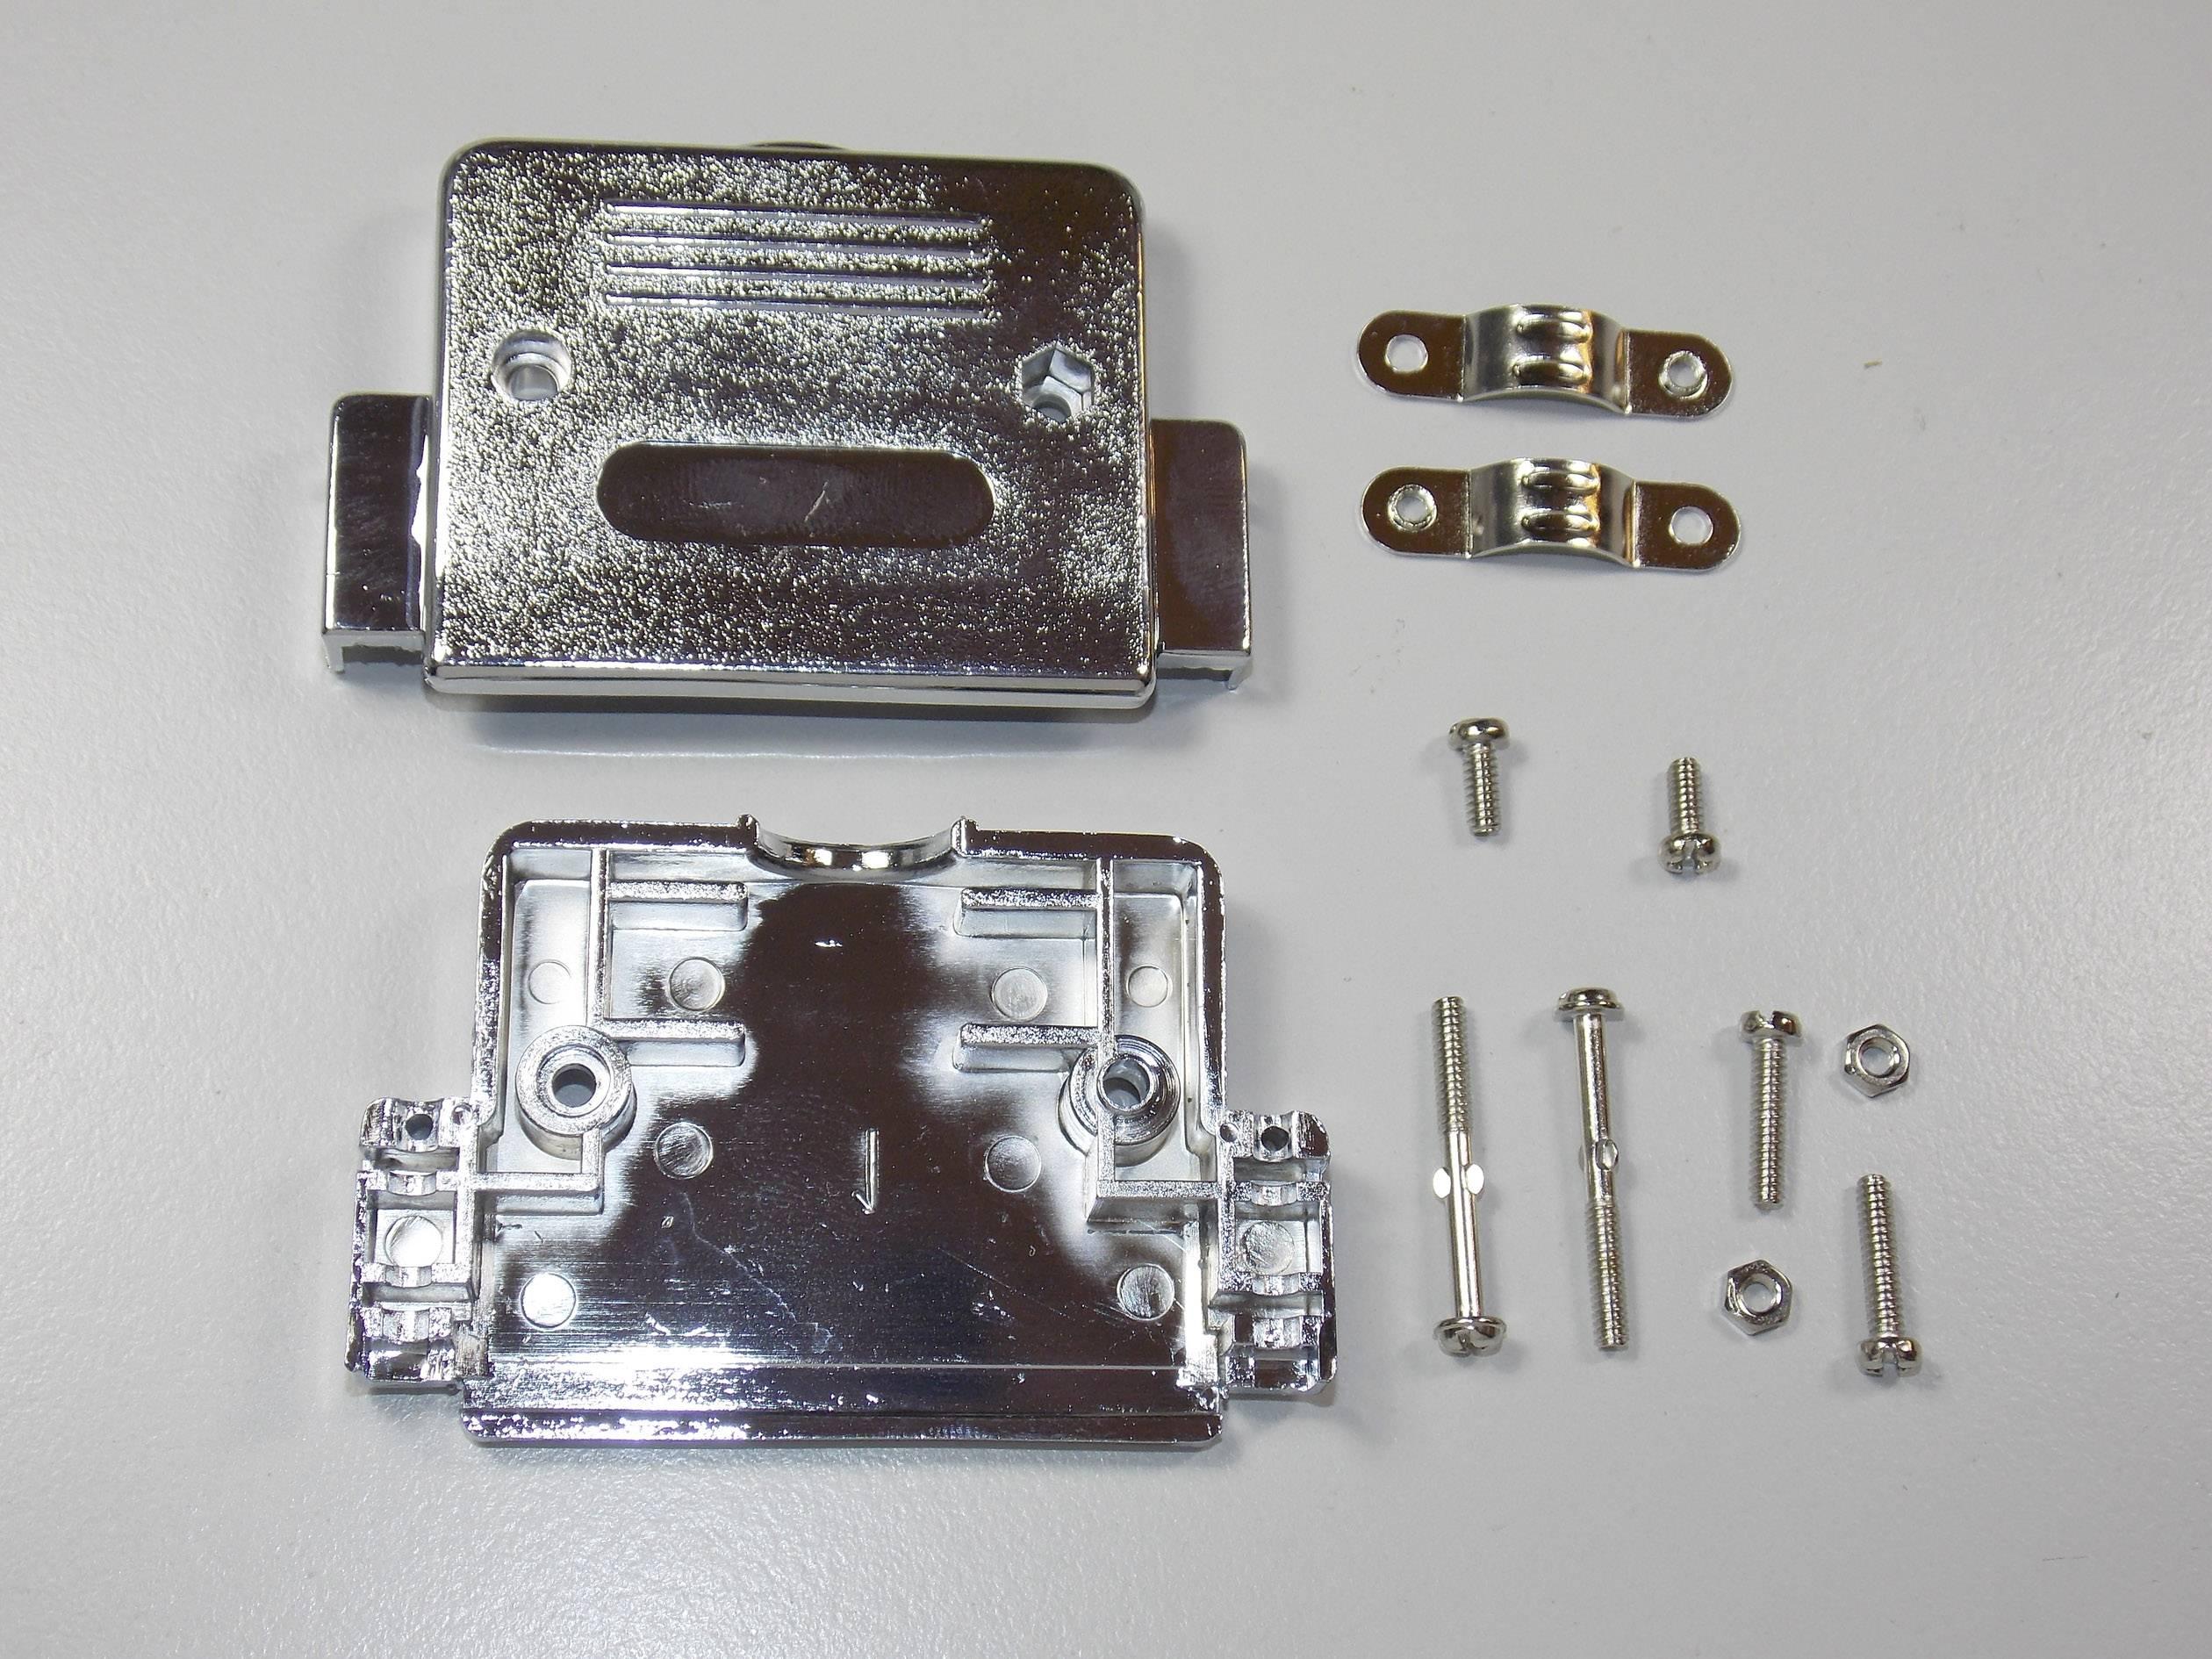 D-SUB púzdro BKL Electronic 10120227 10120227, počet pinov: 50, plast, pokovaný, 180 °, strieborná, 1 ks